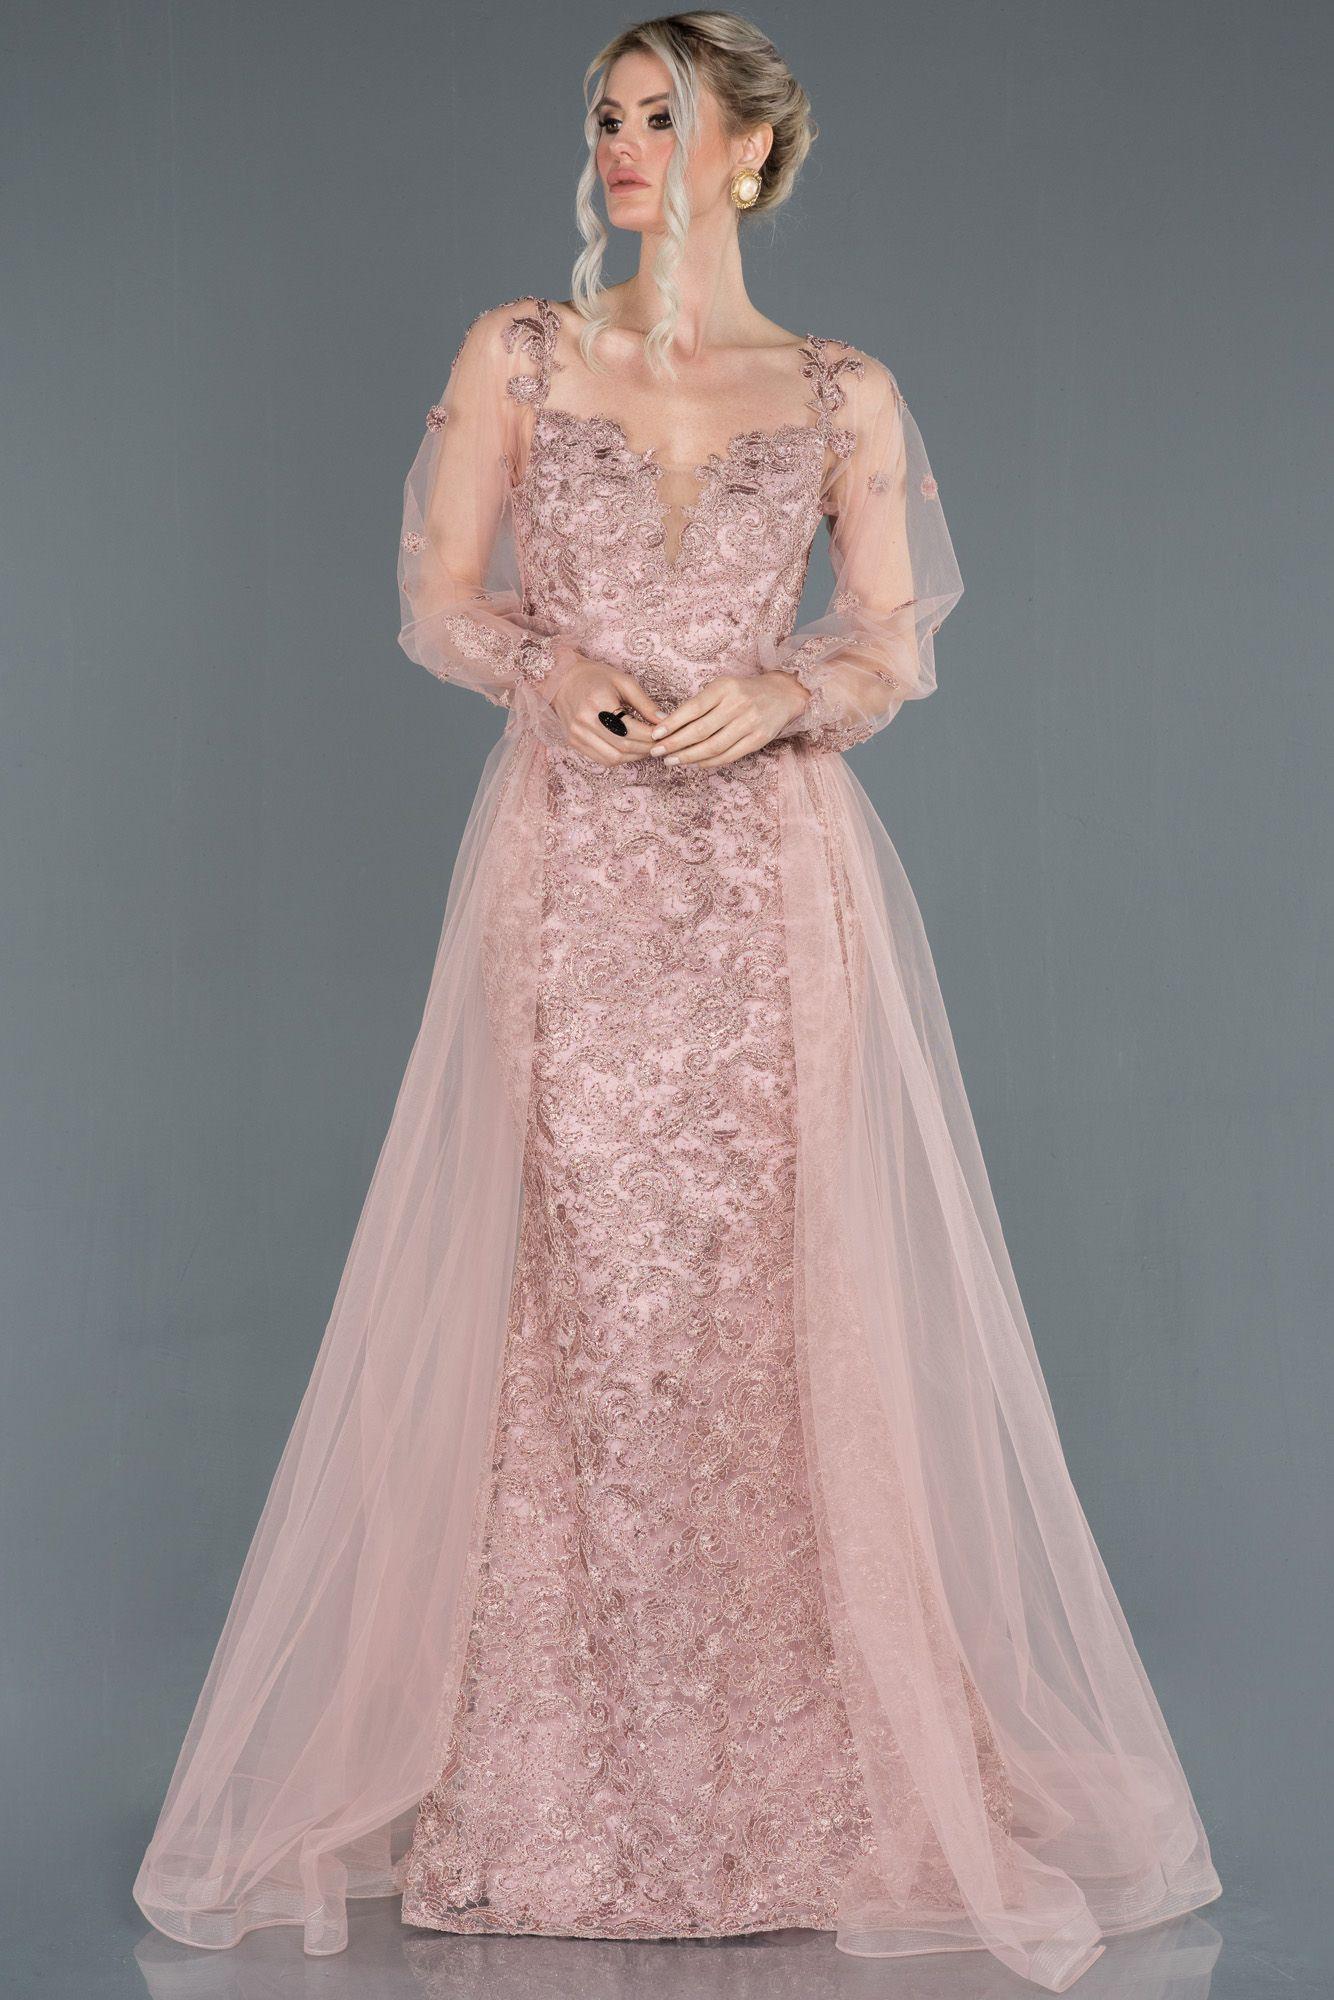 Pudra Gupur Islemeli Kuyruk Detayli Nisan Elbisesi Abu1195 2020 The Dress Elbise Elbise Modelleri